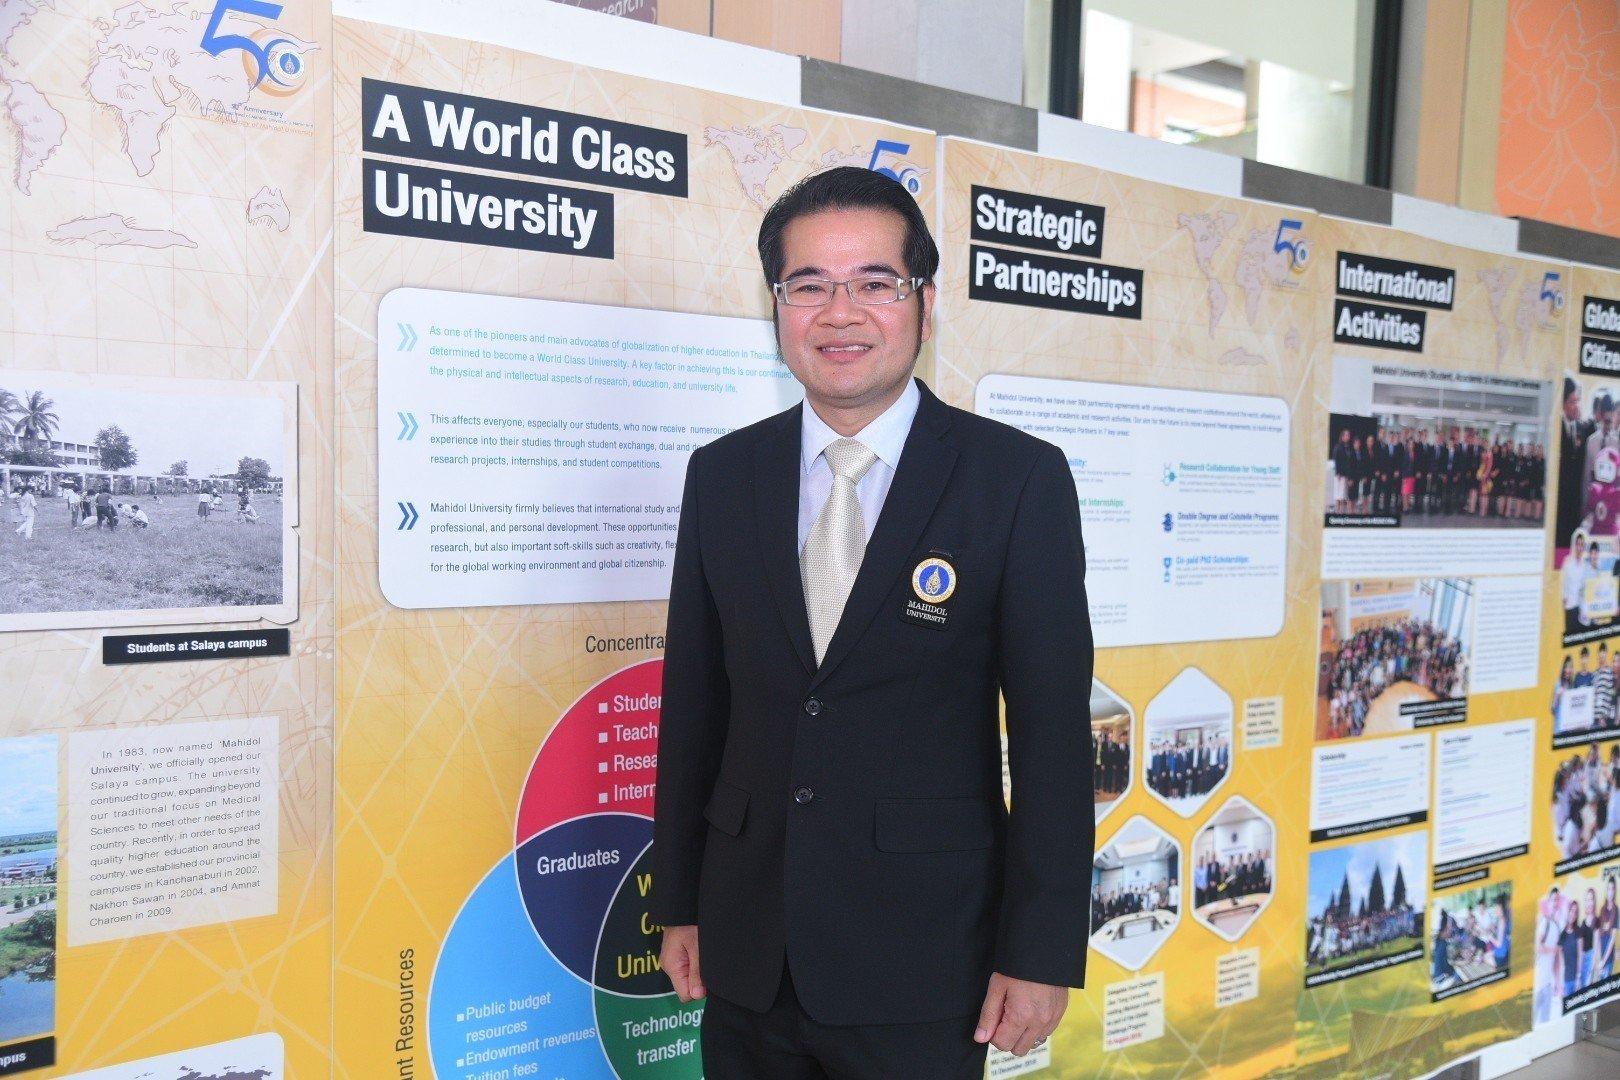 สร้างมหาวิทยาลัยสุขภาพ ลดอุบัติการณ์โรคไม่ติดต่อเรื้อรัง thaihealth